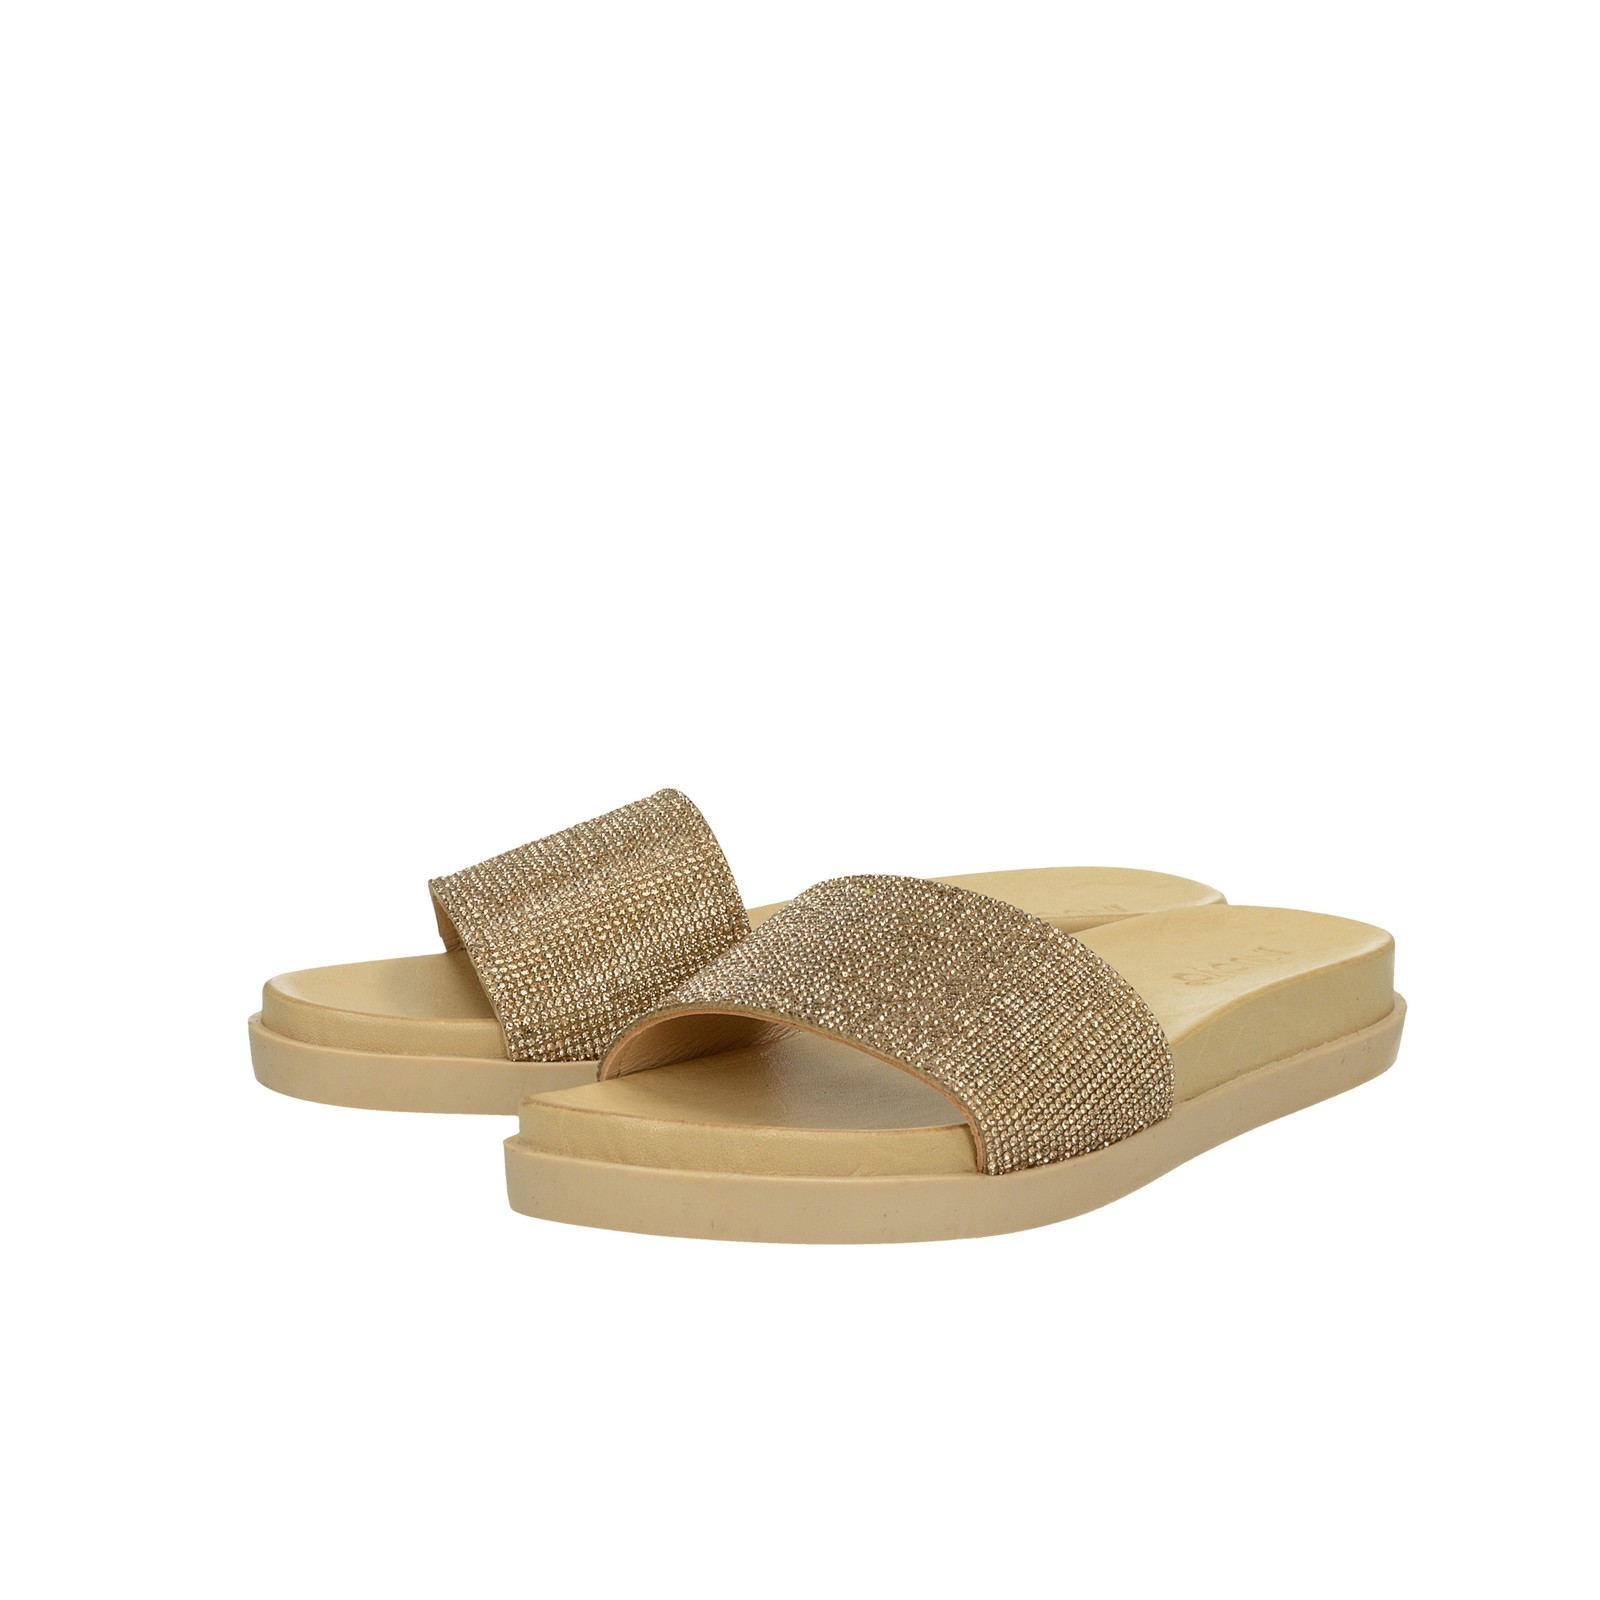 Inuovo dámske elegantné šľapky s ozdobnými kamienkami - zlaté